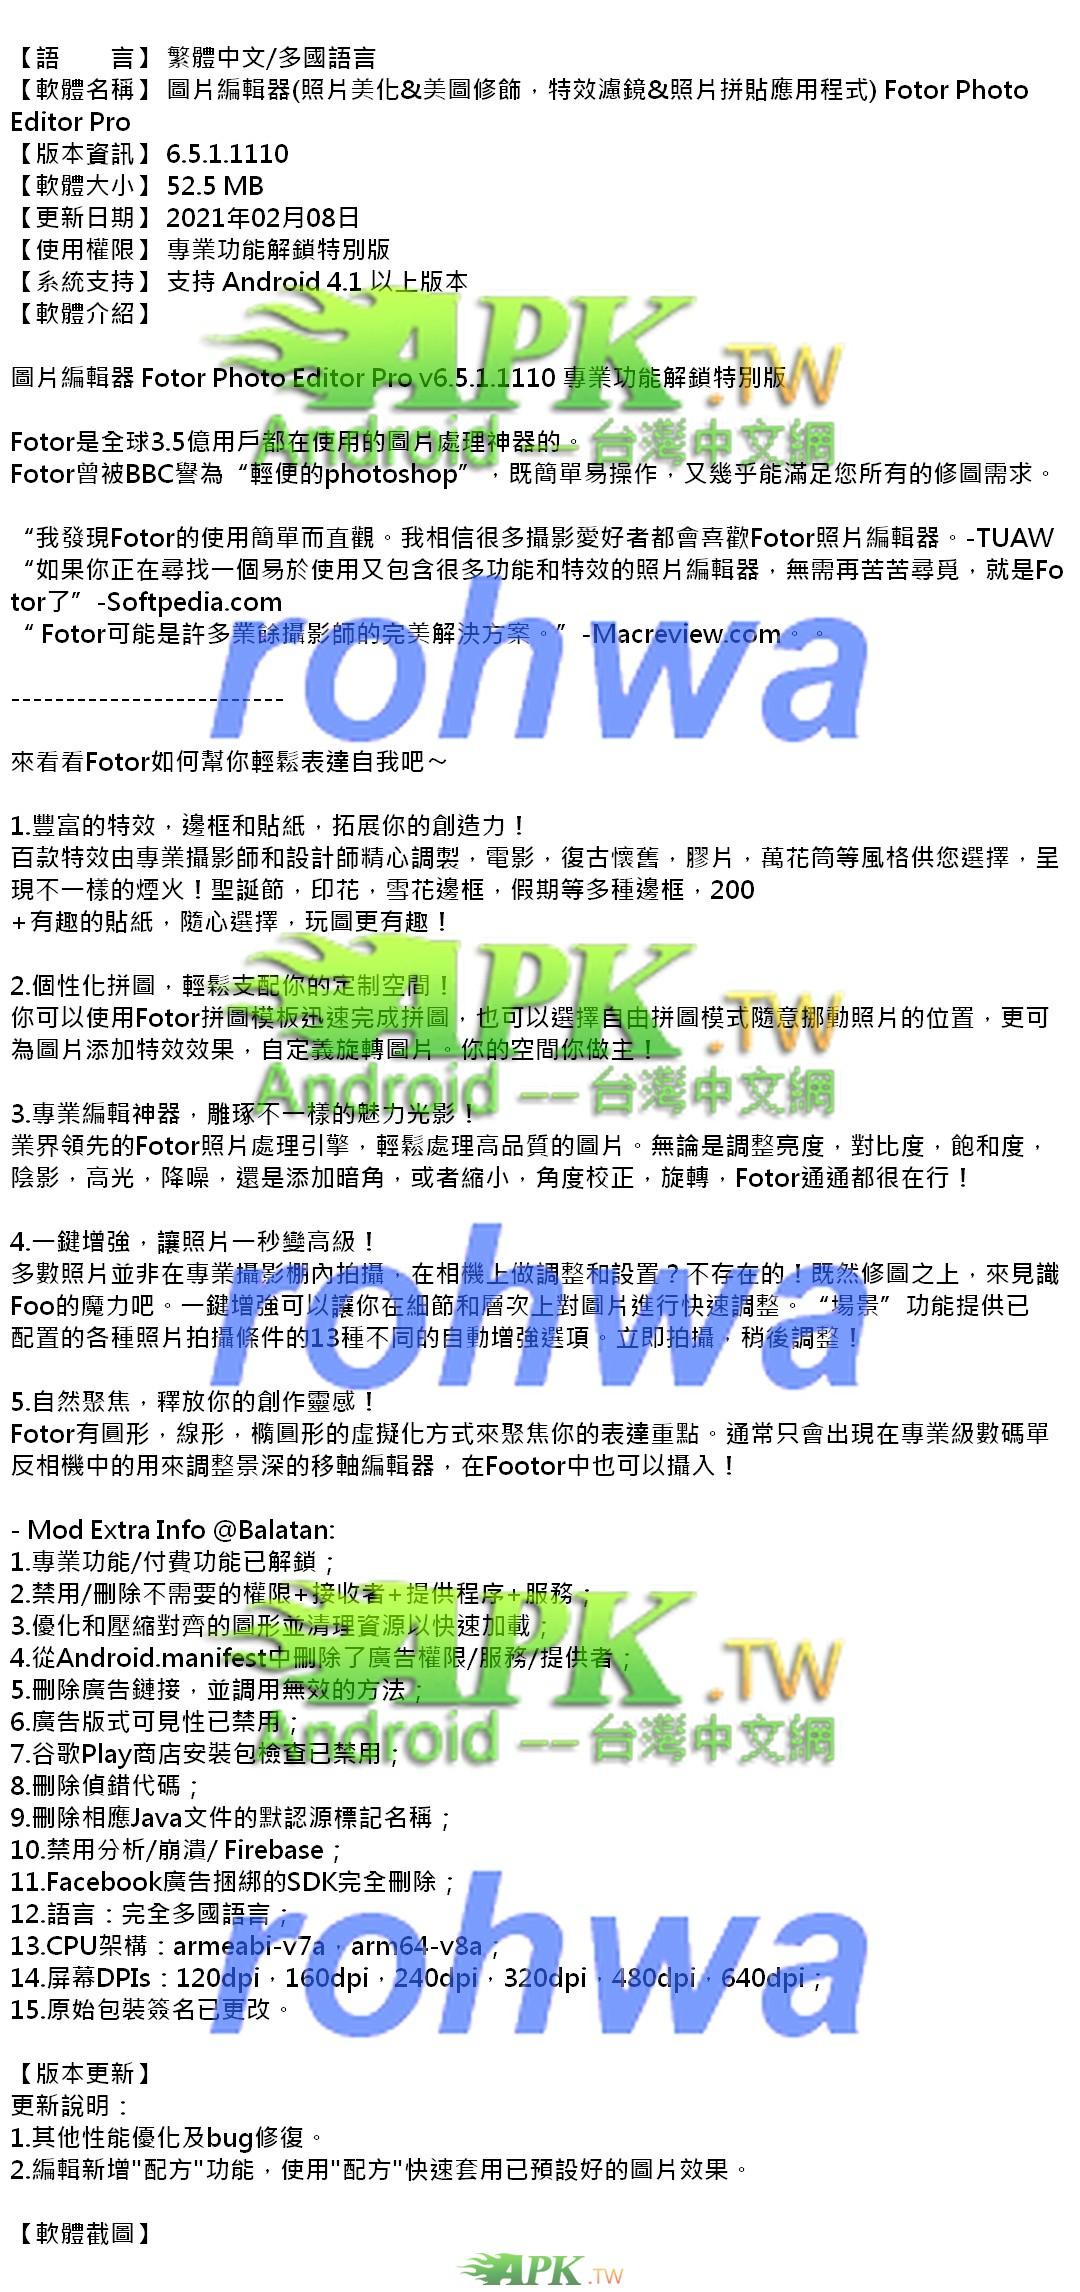 Fotor_Premium_6.5.1.1110_.jpg